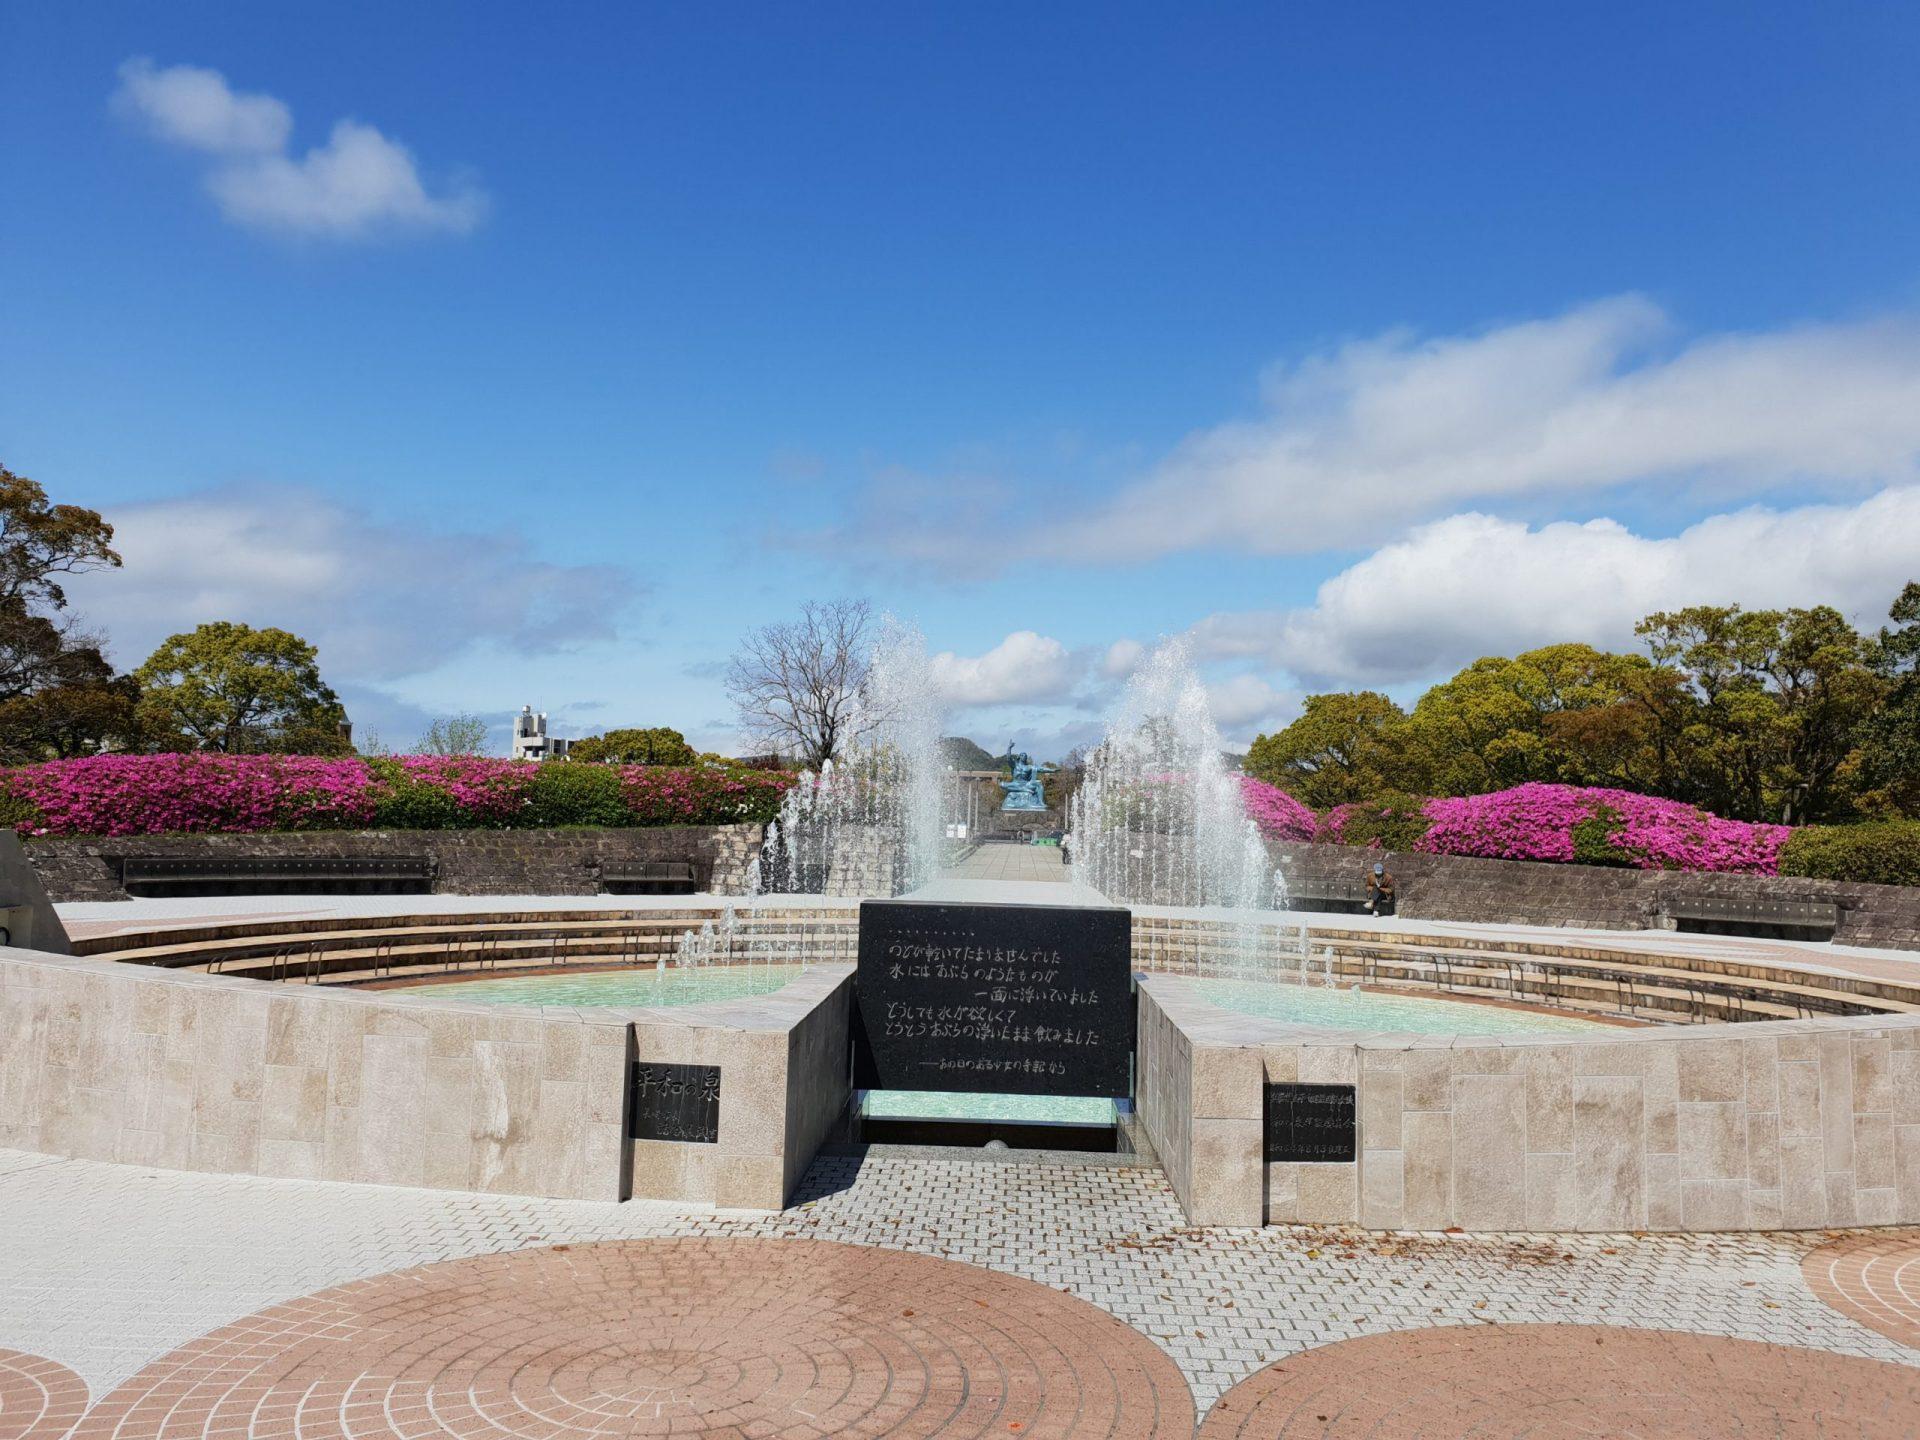 Nagasaki memorial park water founttain